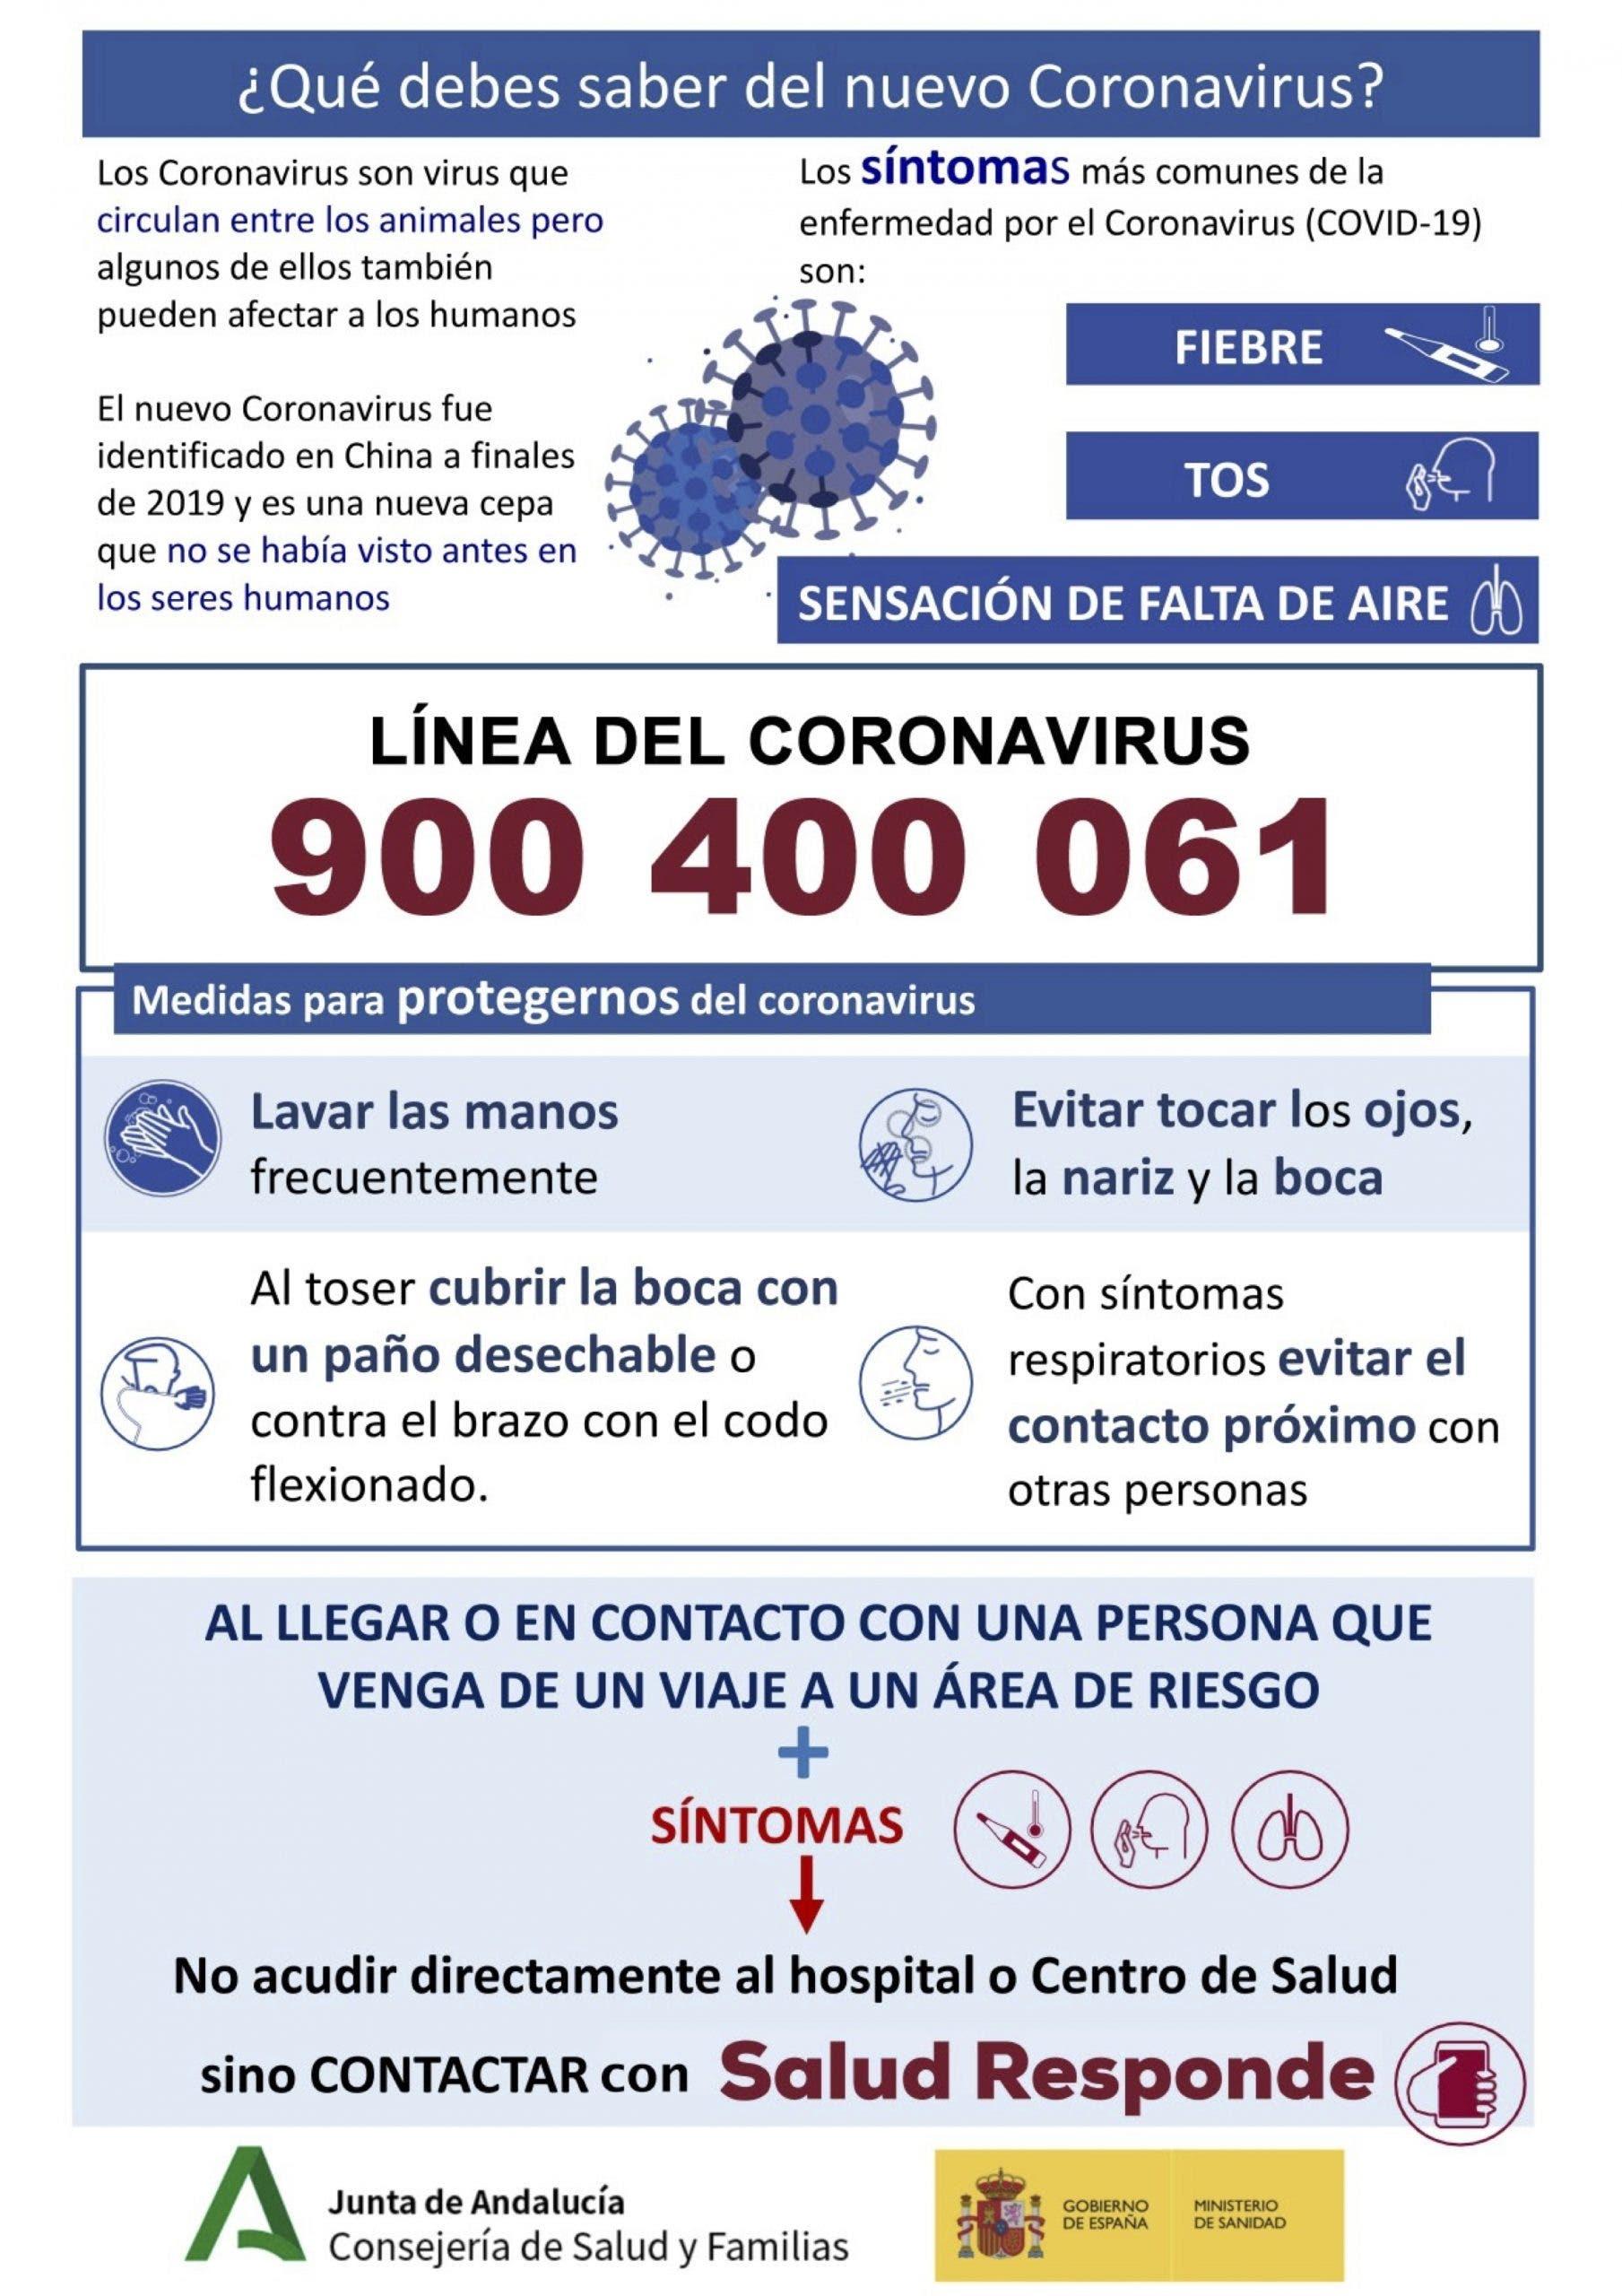 Coronavirus_andalucia_infografia A